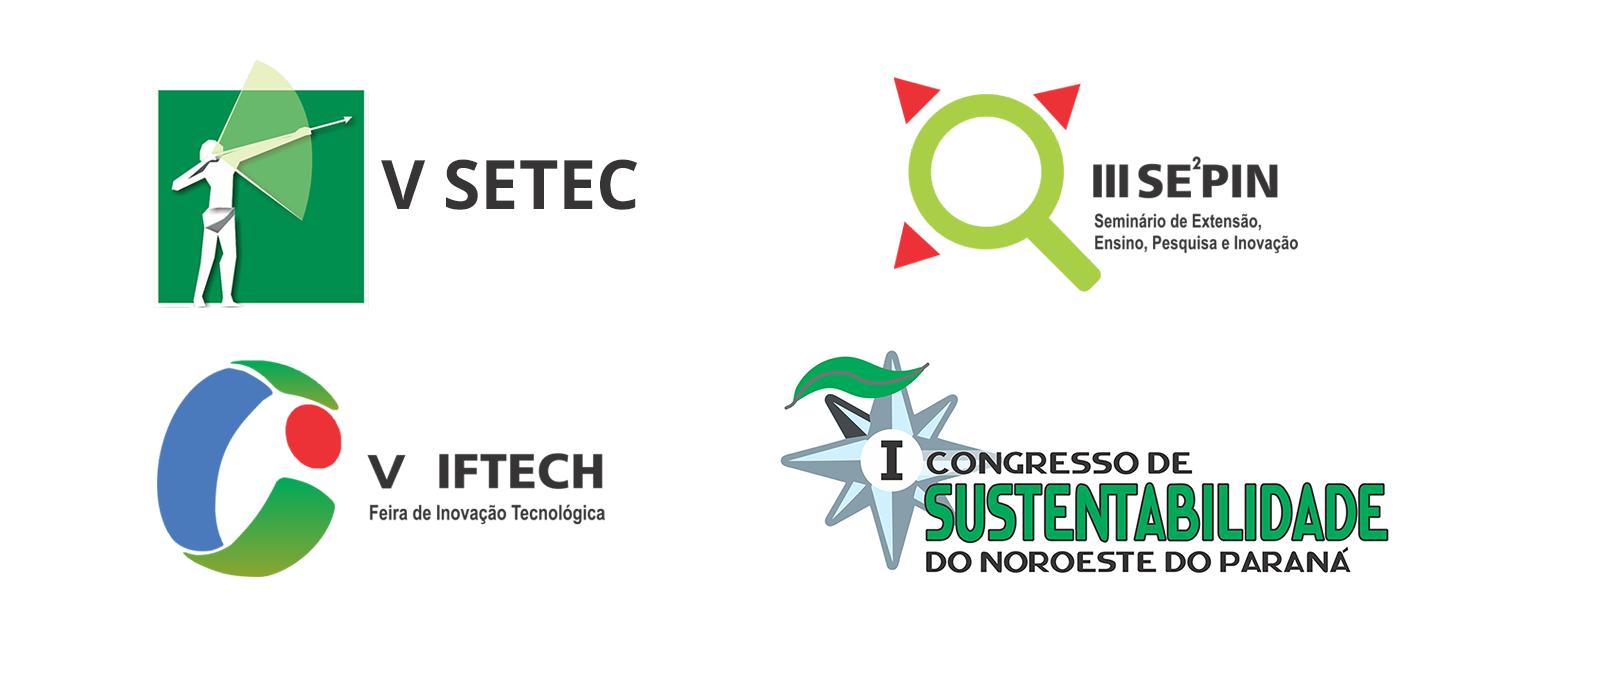 I Congresso de Sustentabilidade do Noroeste do Paraná - Ensino de Ciências e Agrárias